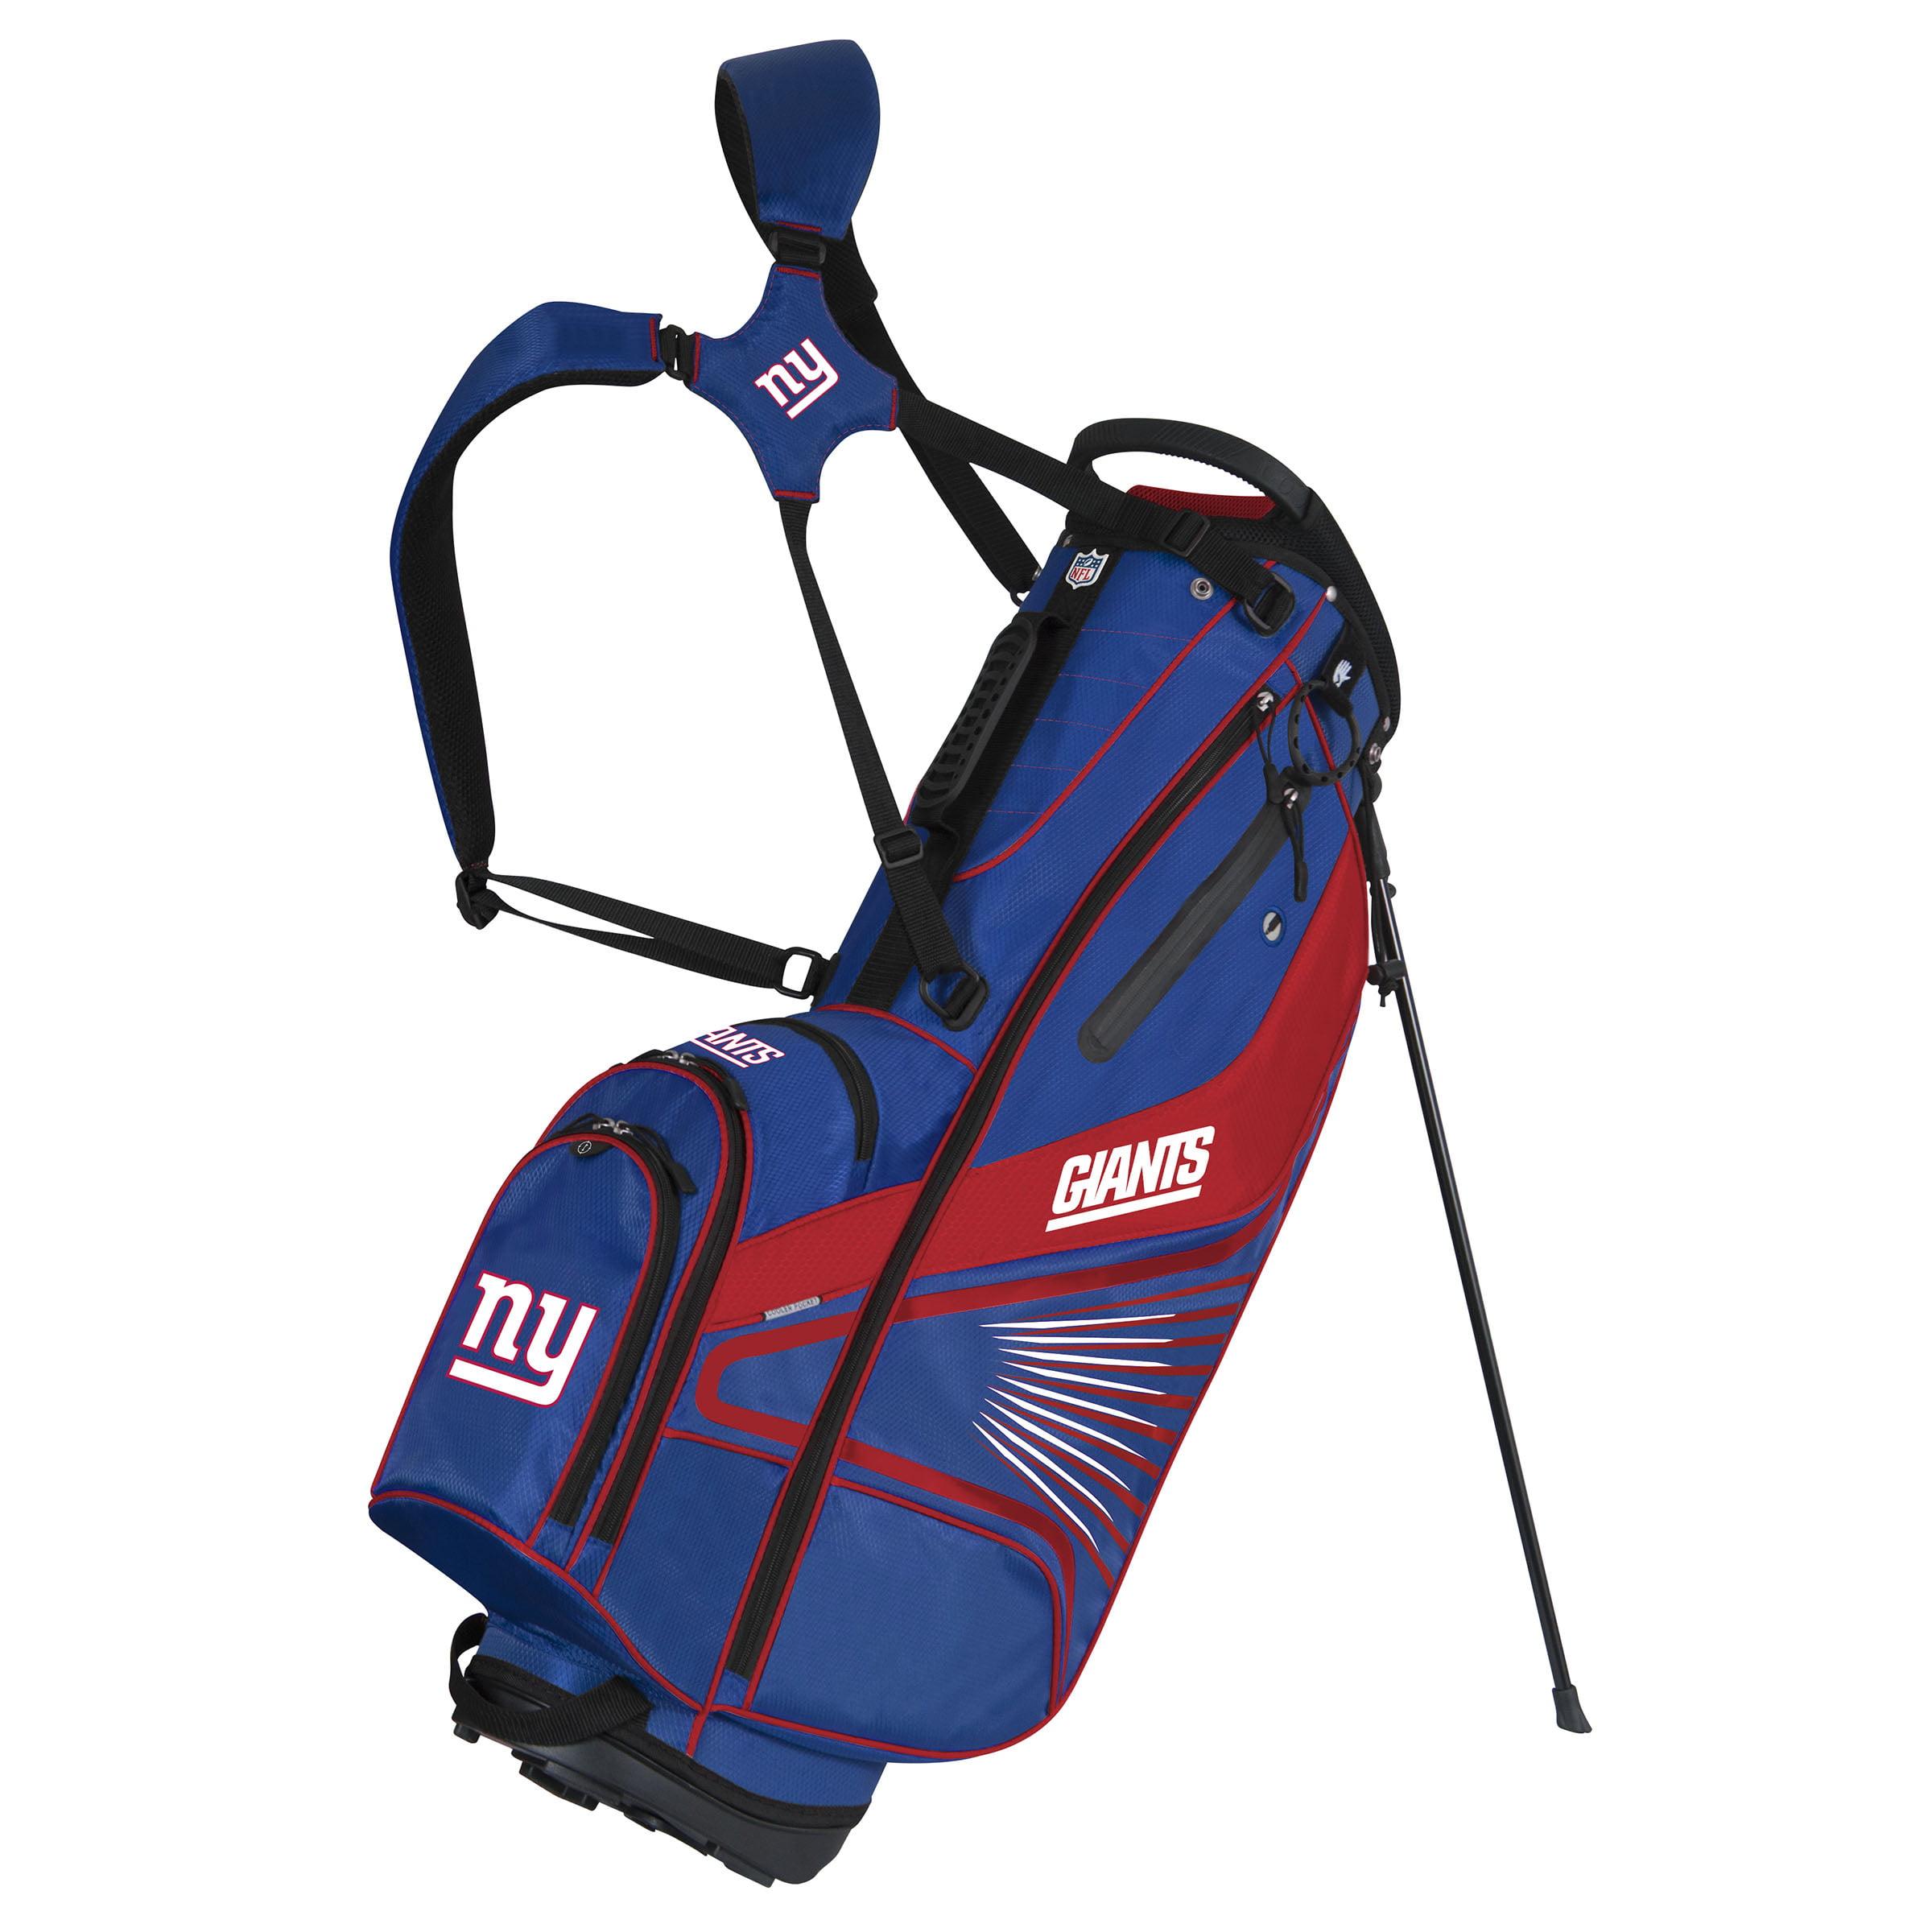 New York Giants Gridiron III Stand Bag - No Size